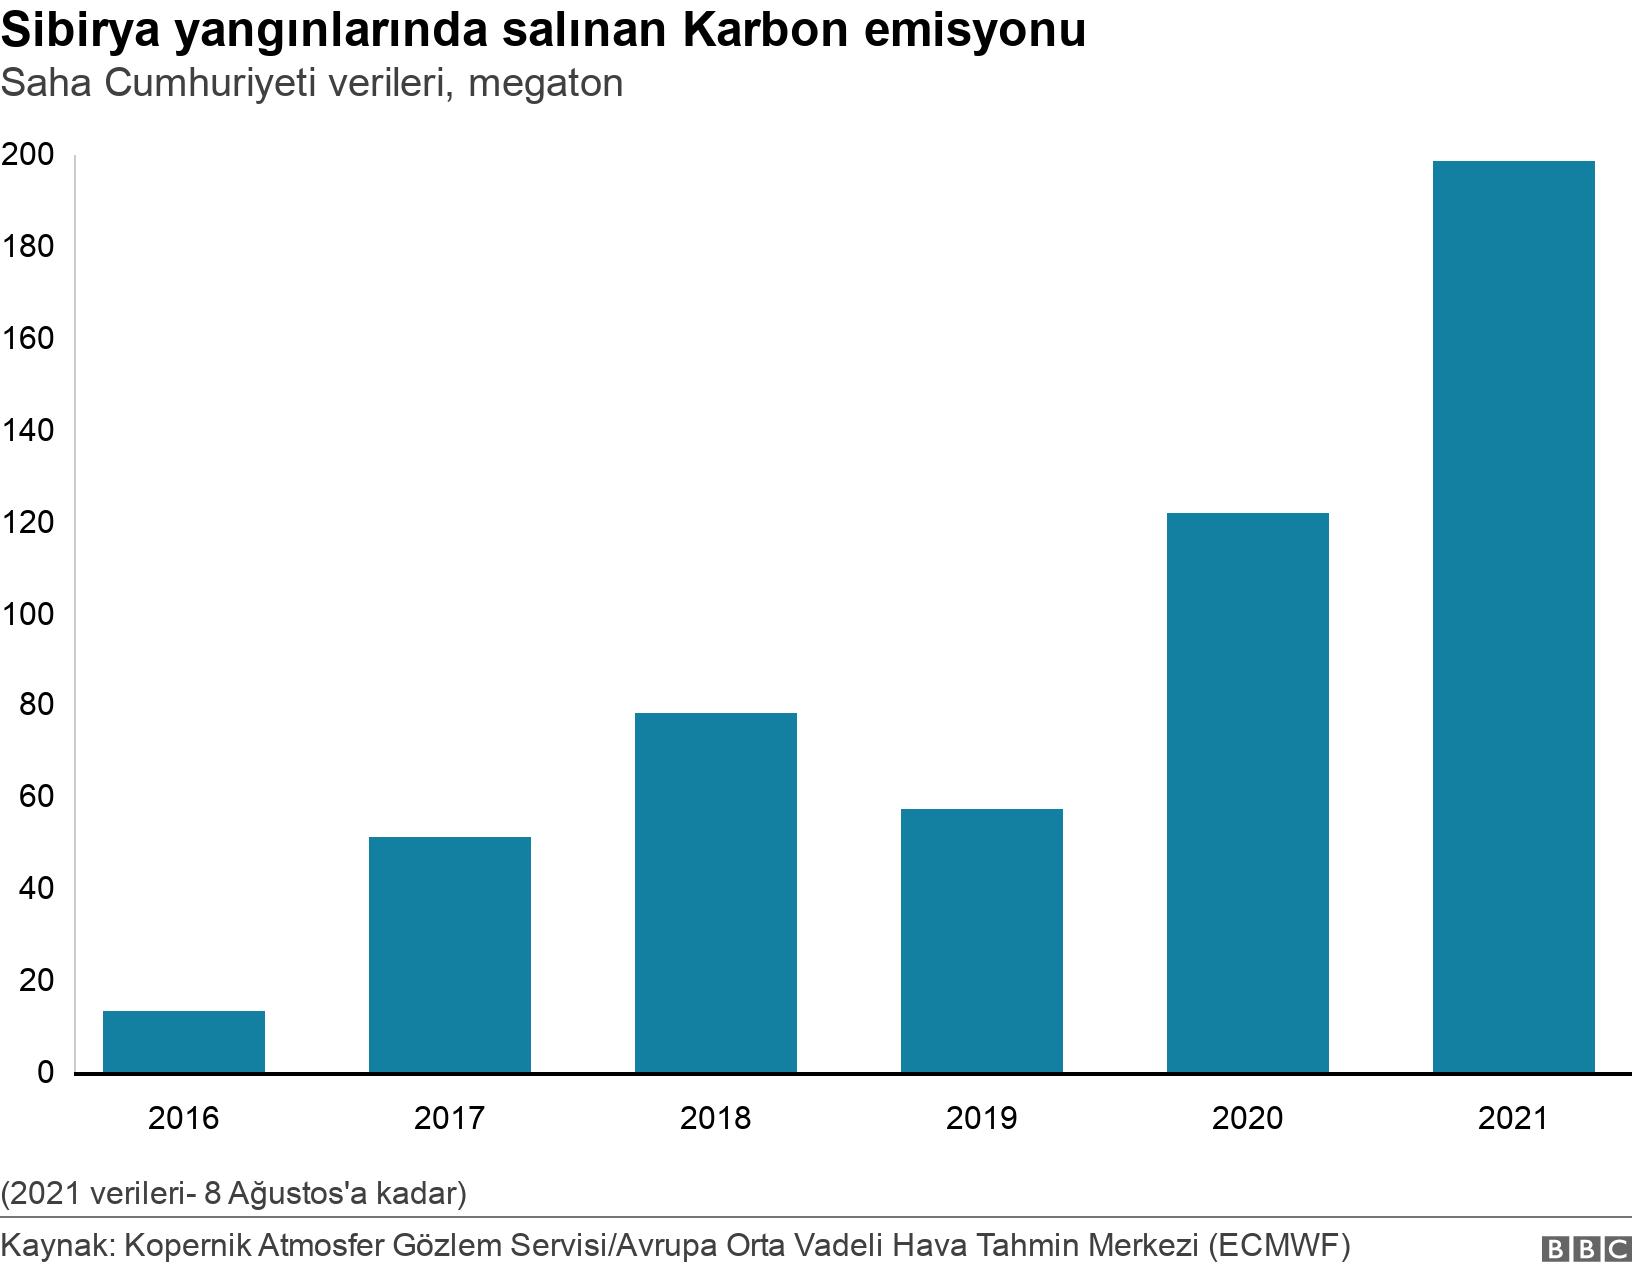 Siberya yangınlarında salınan Karbon emisyonu . Saha Cumhuriyeti verileri, megaton.  (2021 verileri- 8 Ağustos'a kadar).